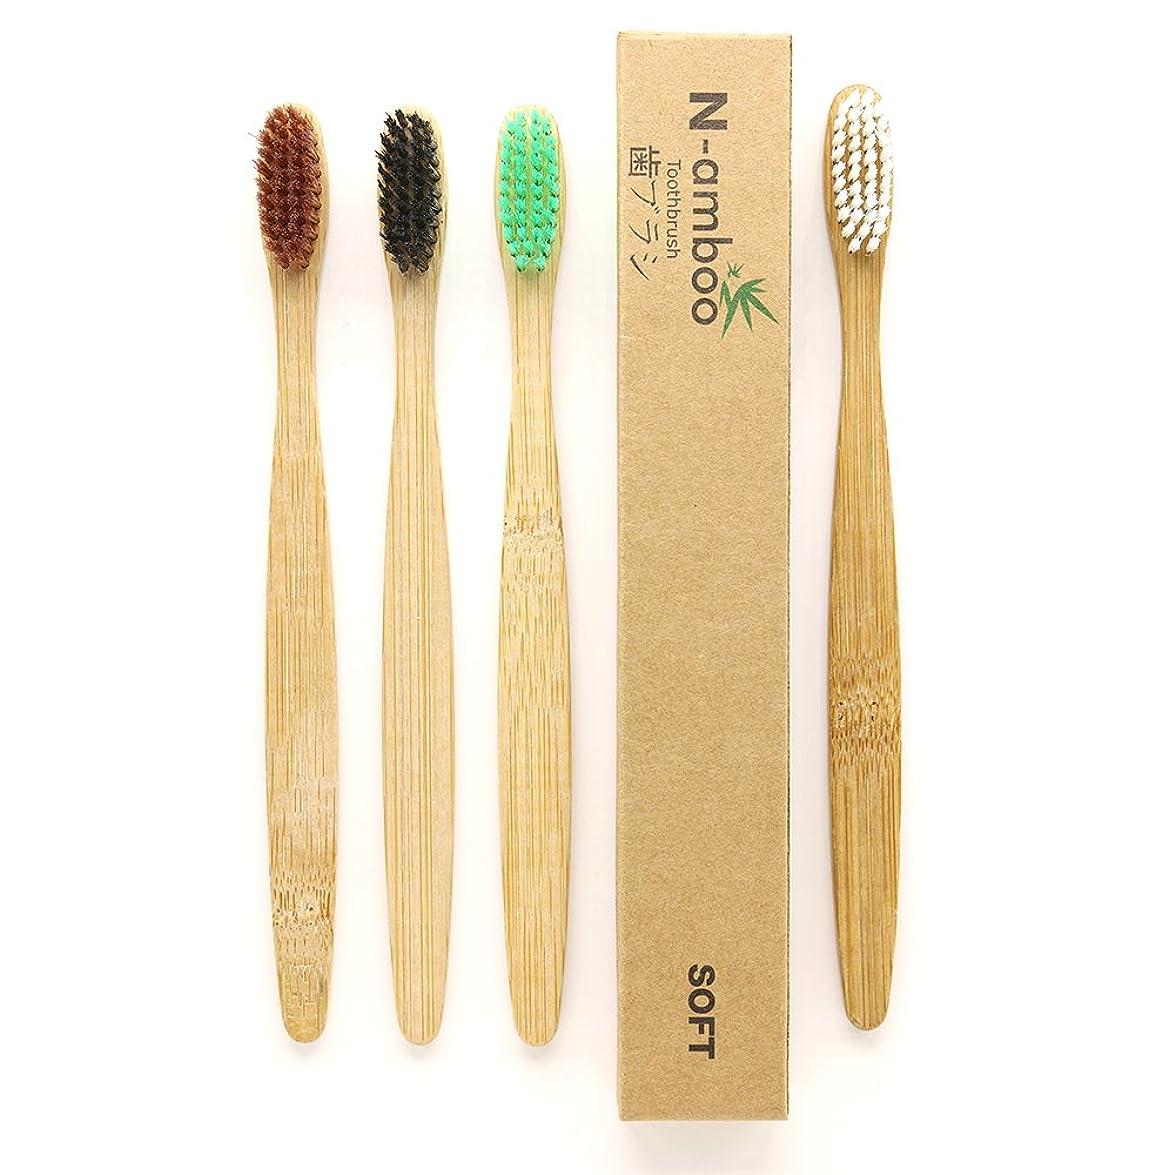 フェリー変成器心理的N-amboo 竹製耐久度高い 歯ブラシ 4本入り(4色各1本)